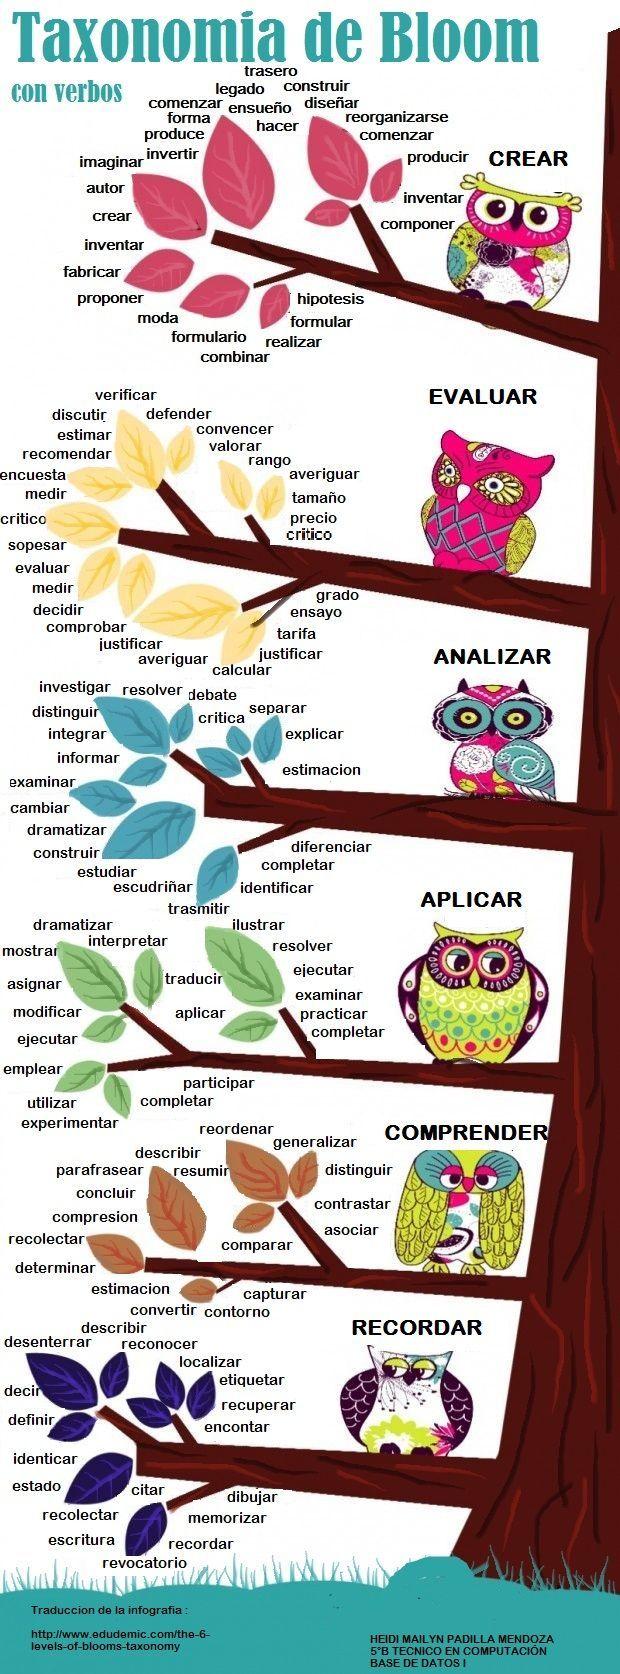 Una infografía sobre las Taxonomías de Bloom con verbos.: